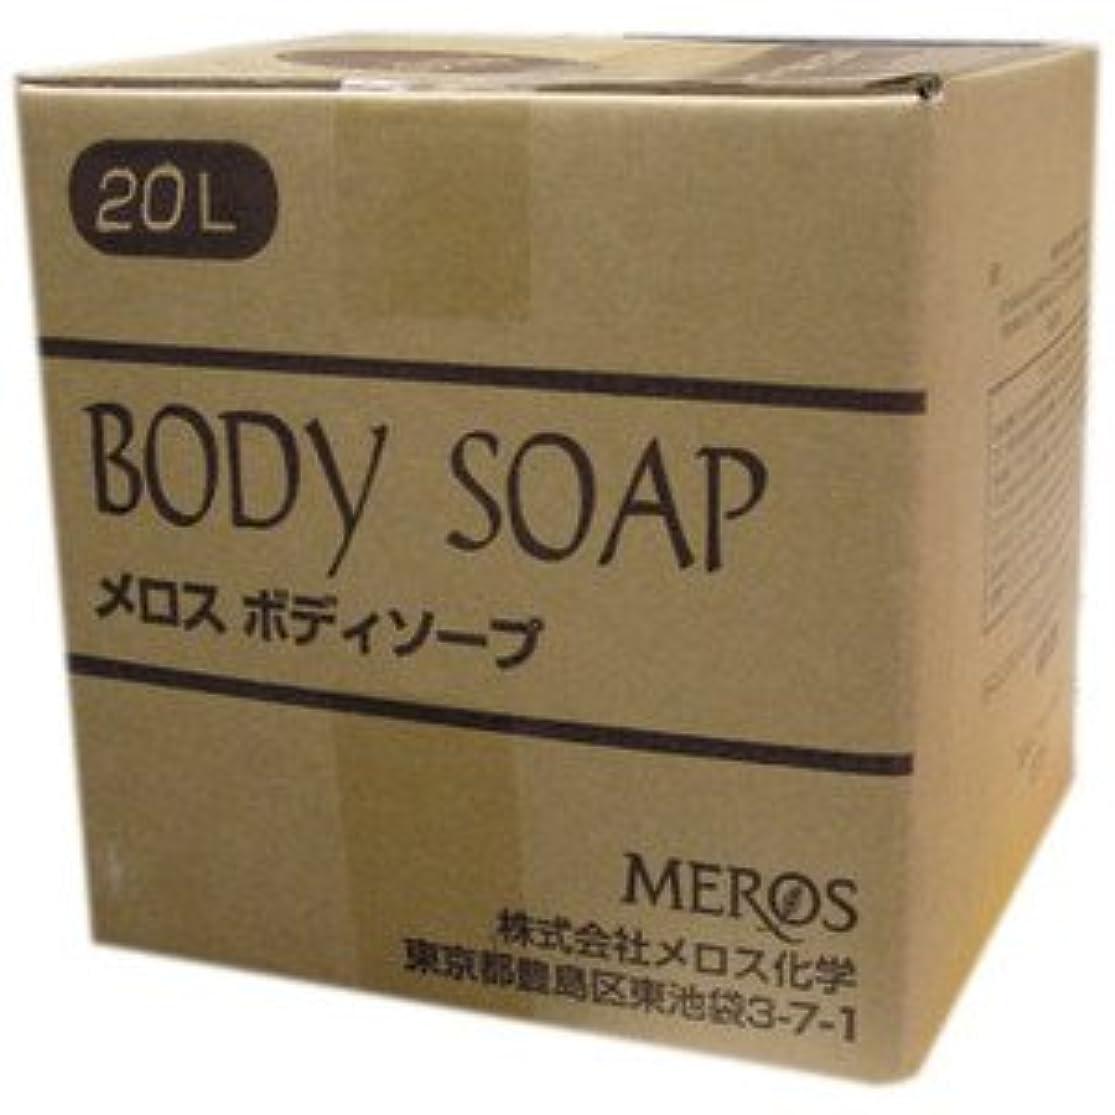 湿気の多いエクステント思い出させるメロス ボディソープ 業務用 20L / 詰め替え (メロス化学) 業務用ボディソープ